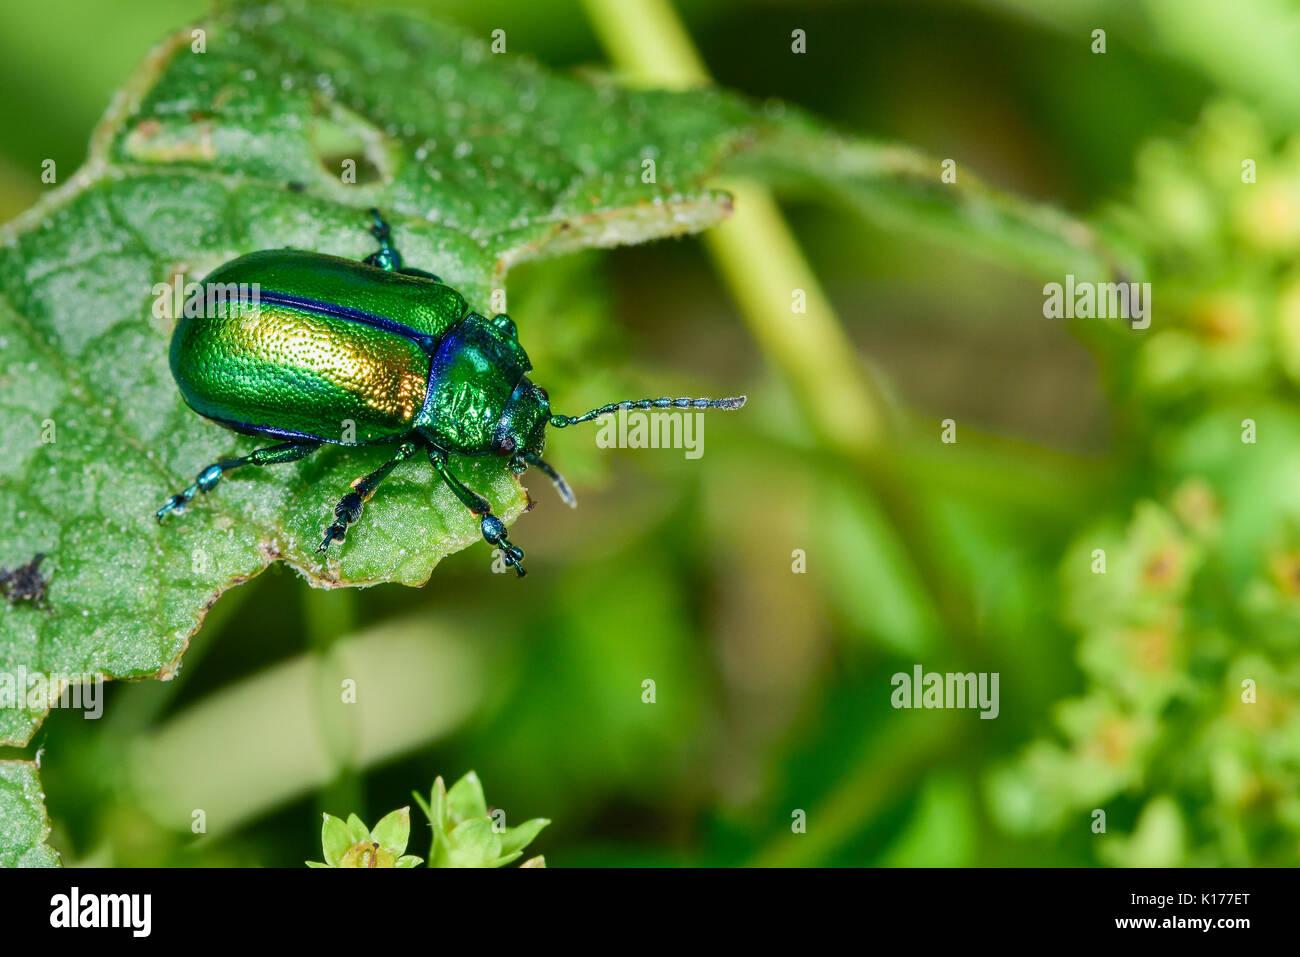 Oreina cacaliae(?) - Stock Image